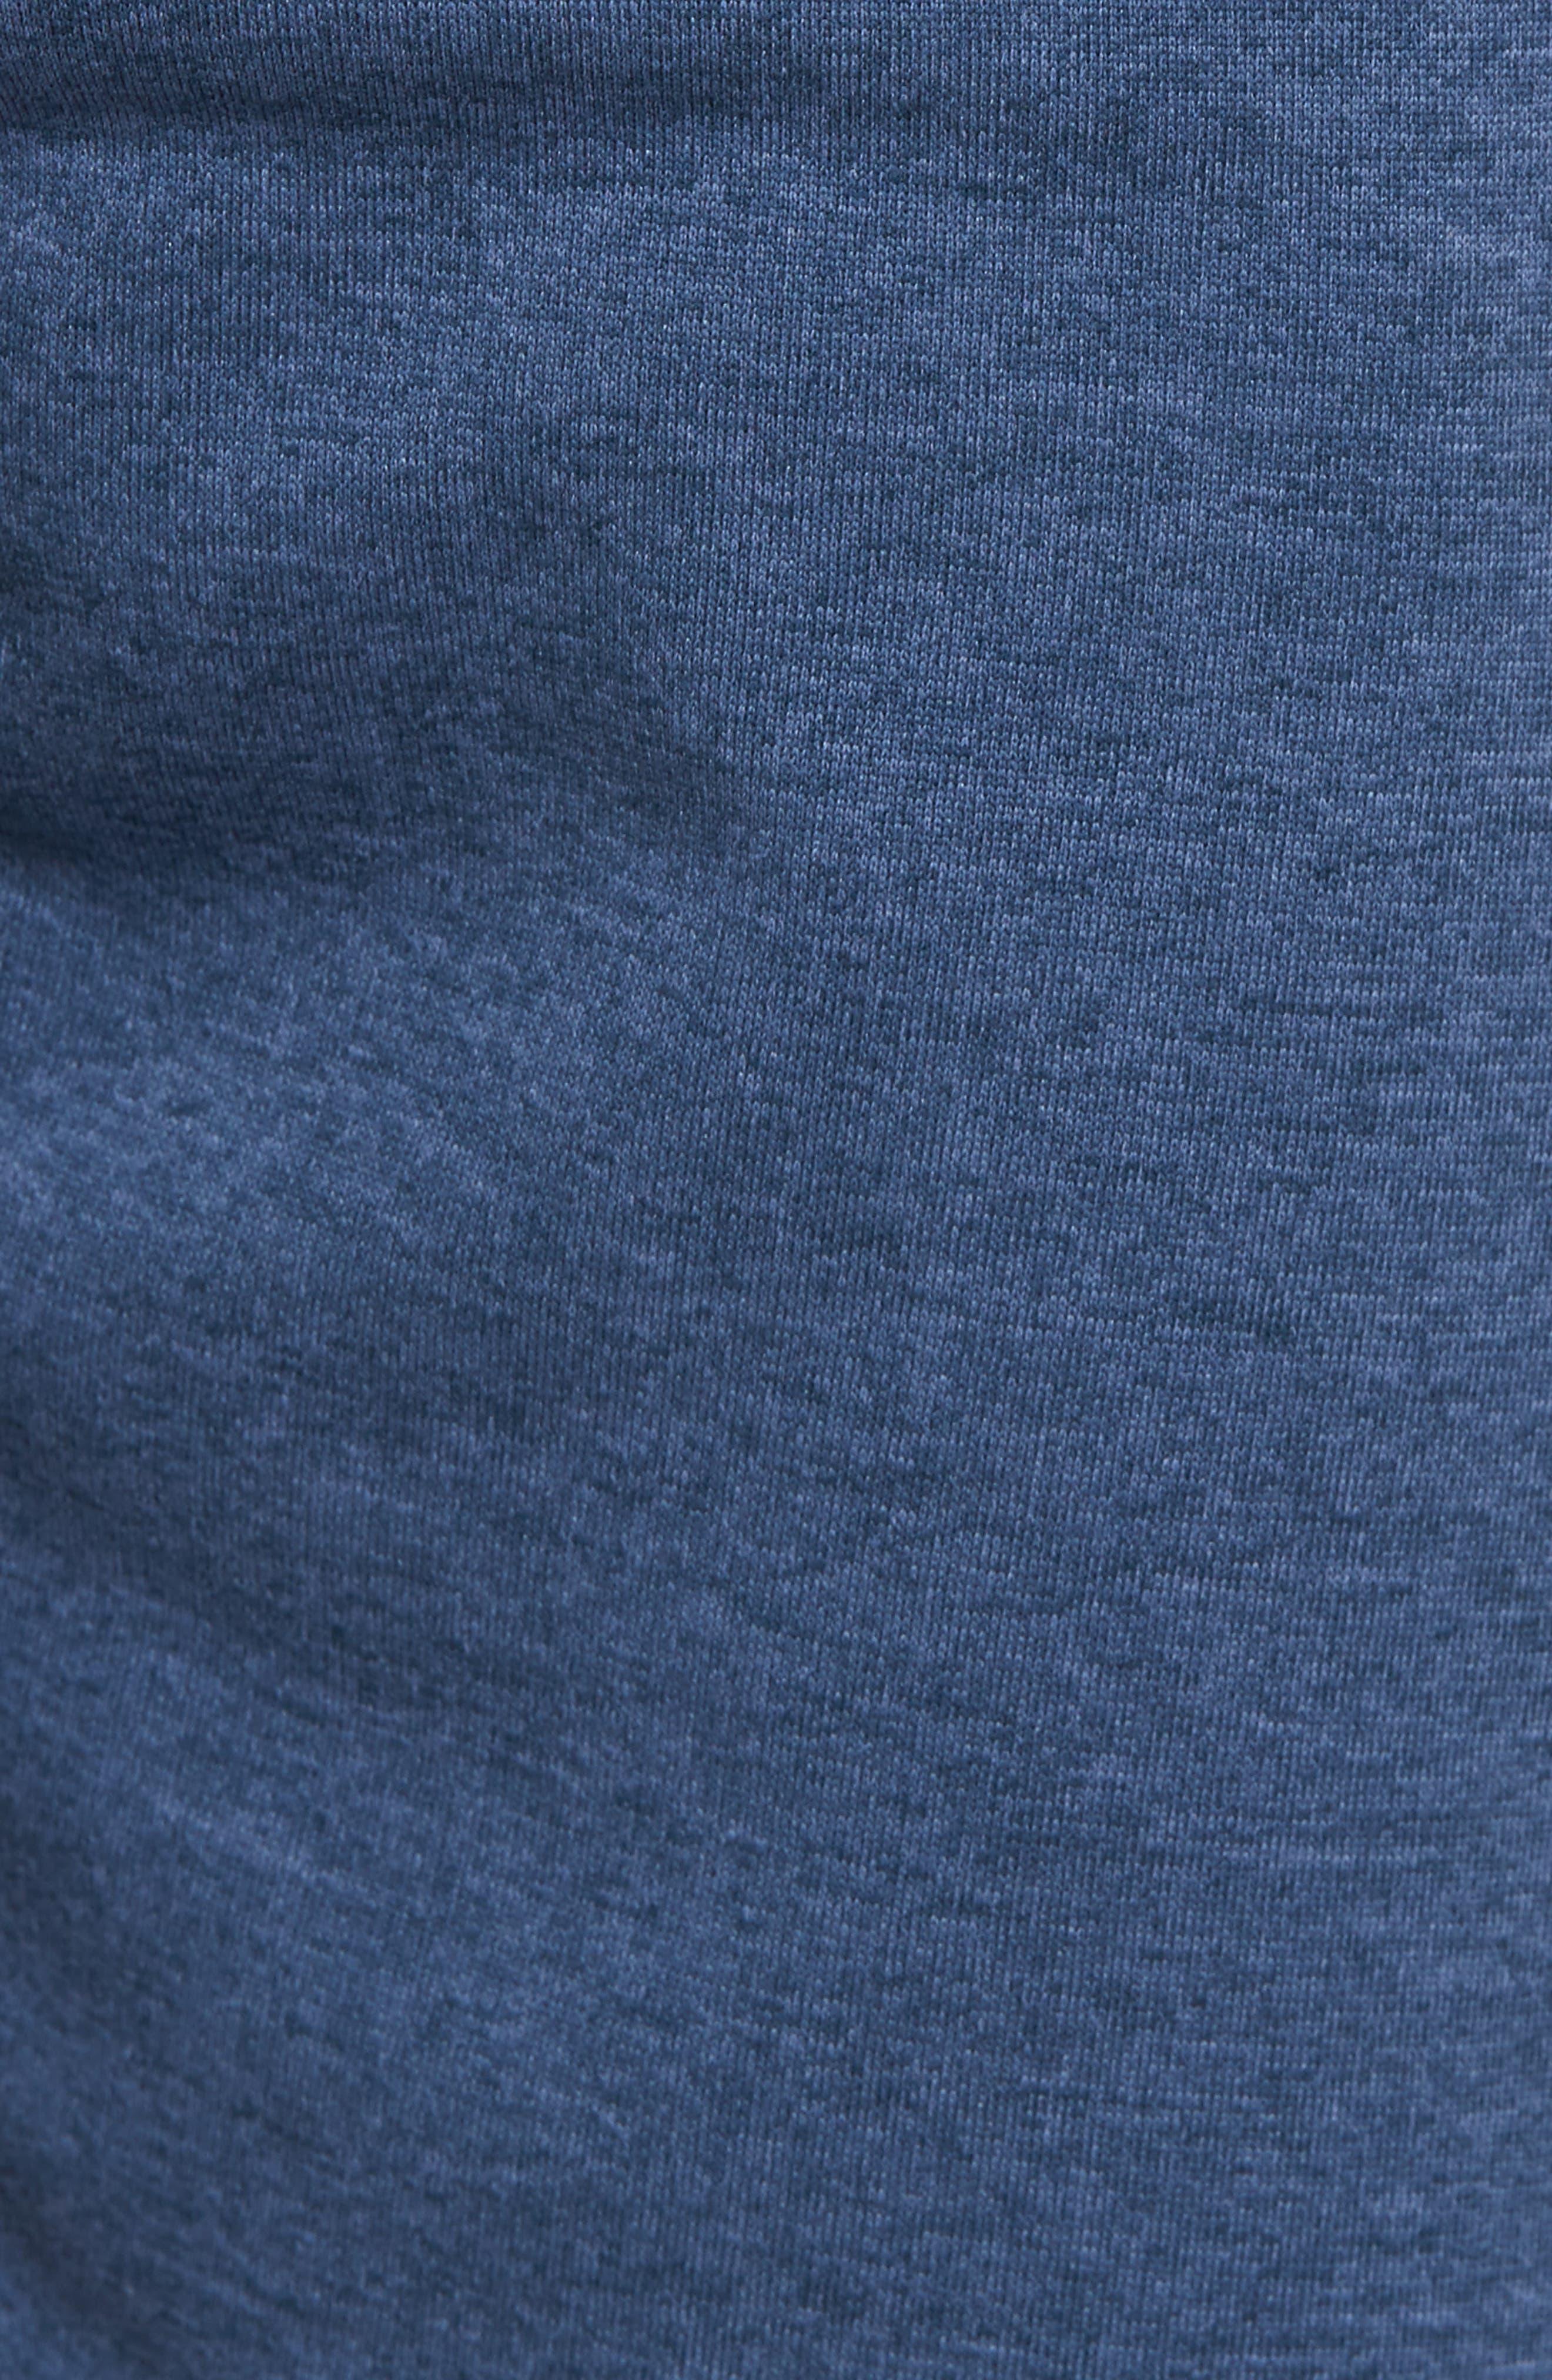 Dri-FIT Solar Shorts,                             Alternate thumbnail 5, color,                             Squadron Blue